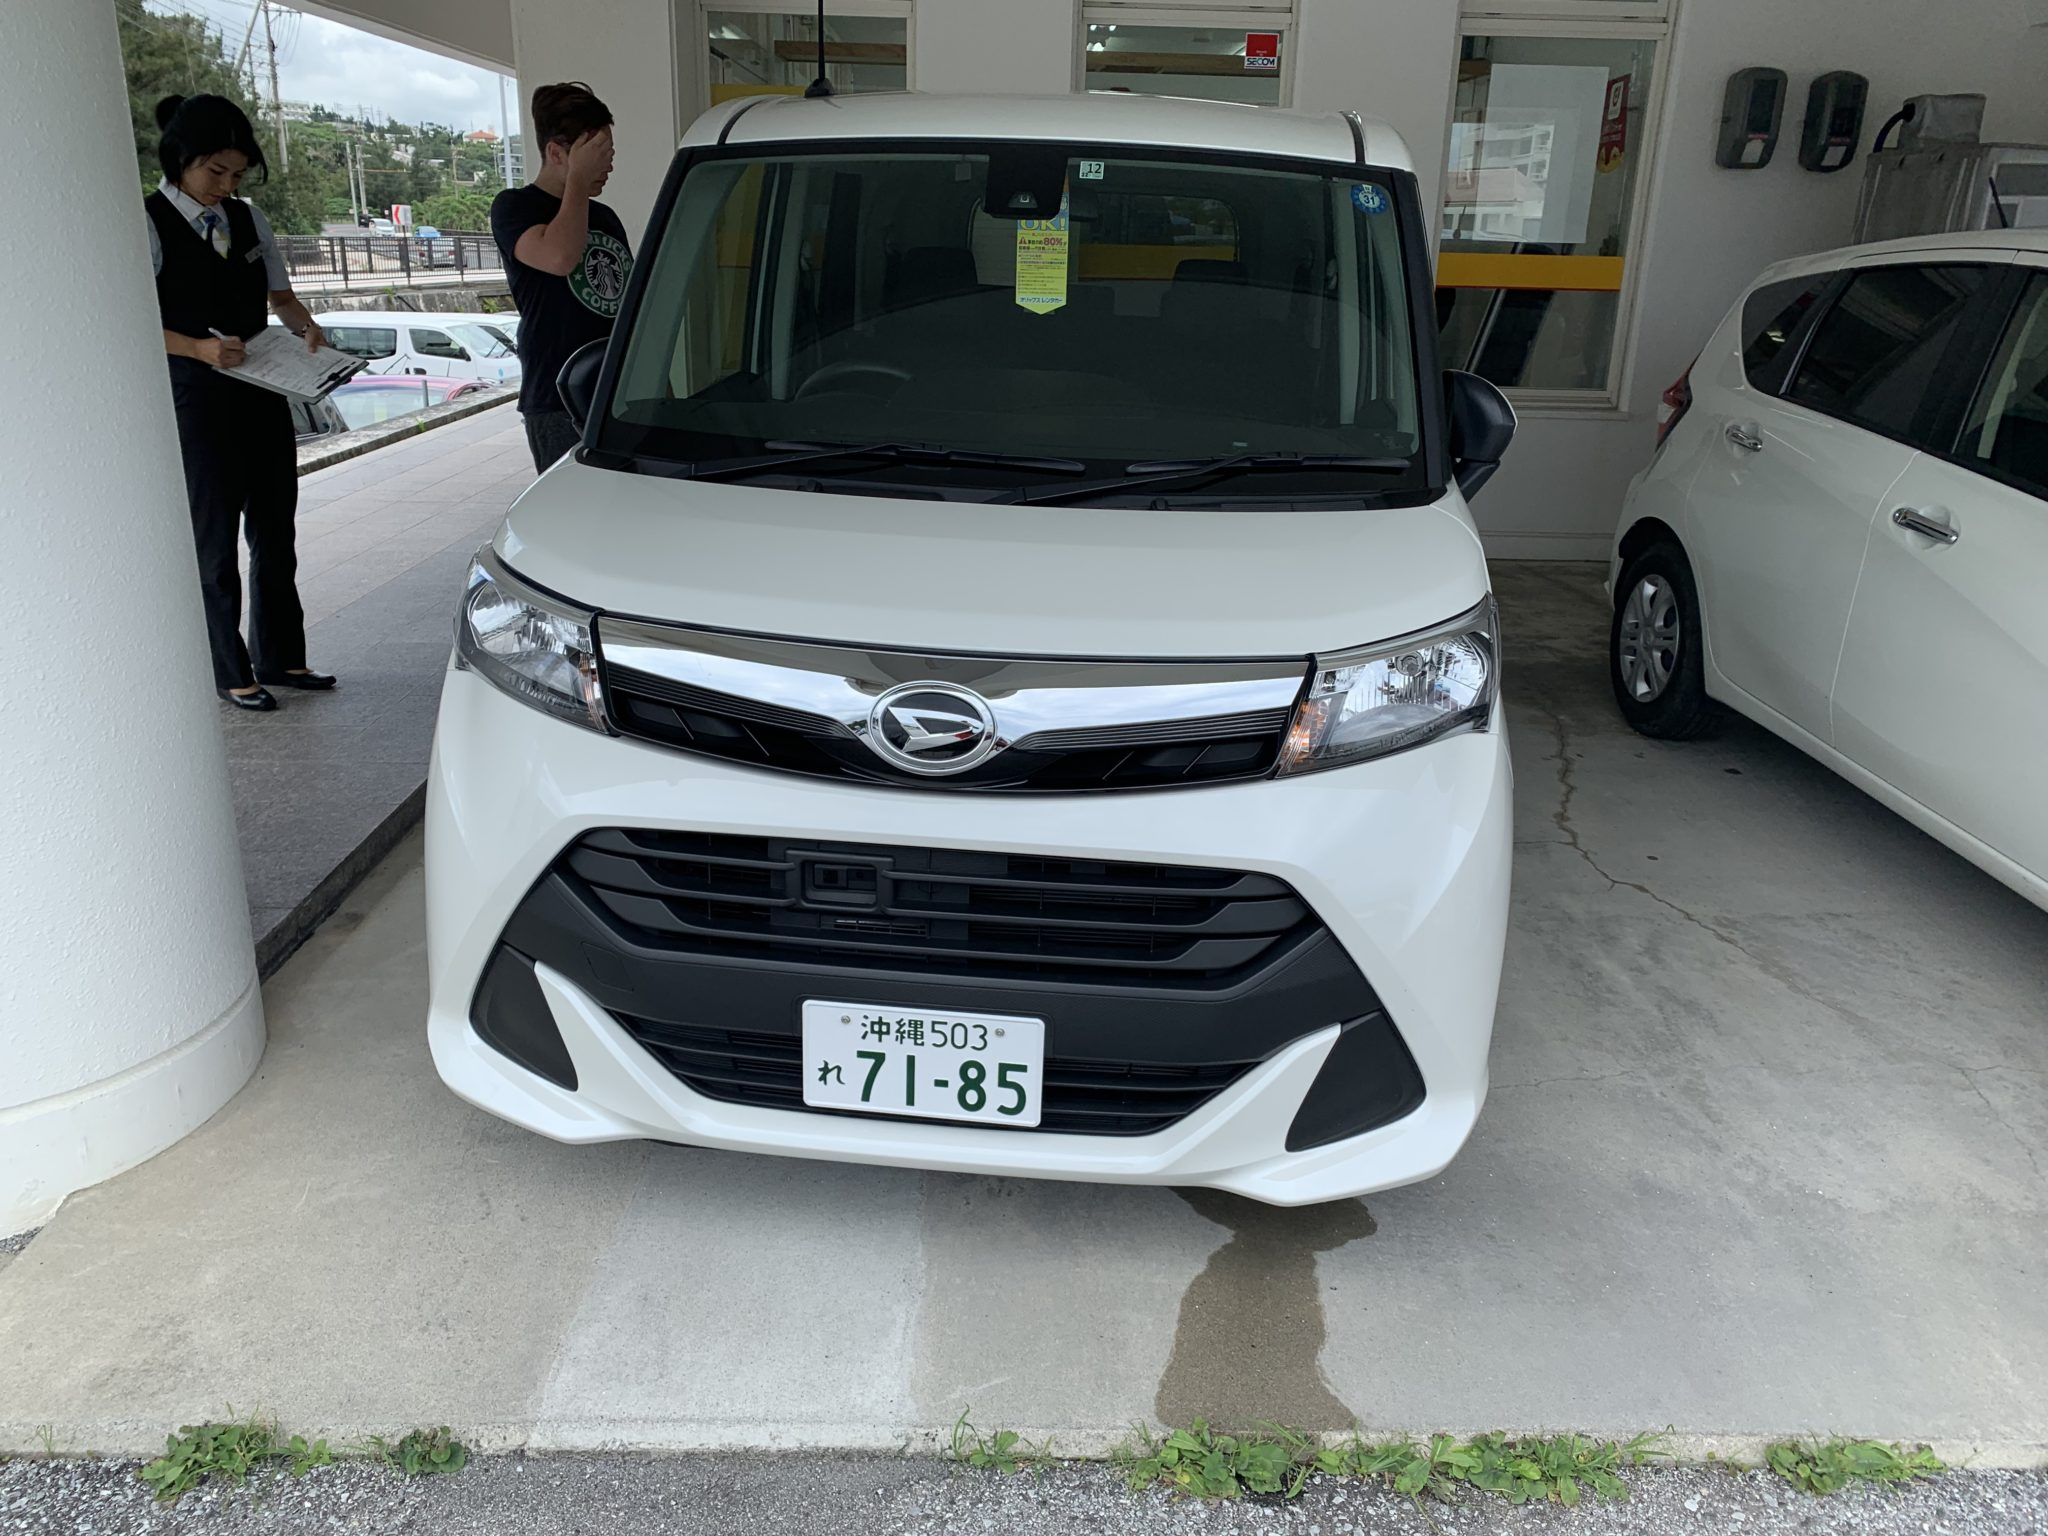 Půjčení auta v Japonsku